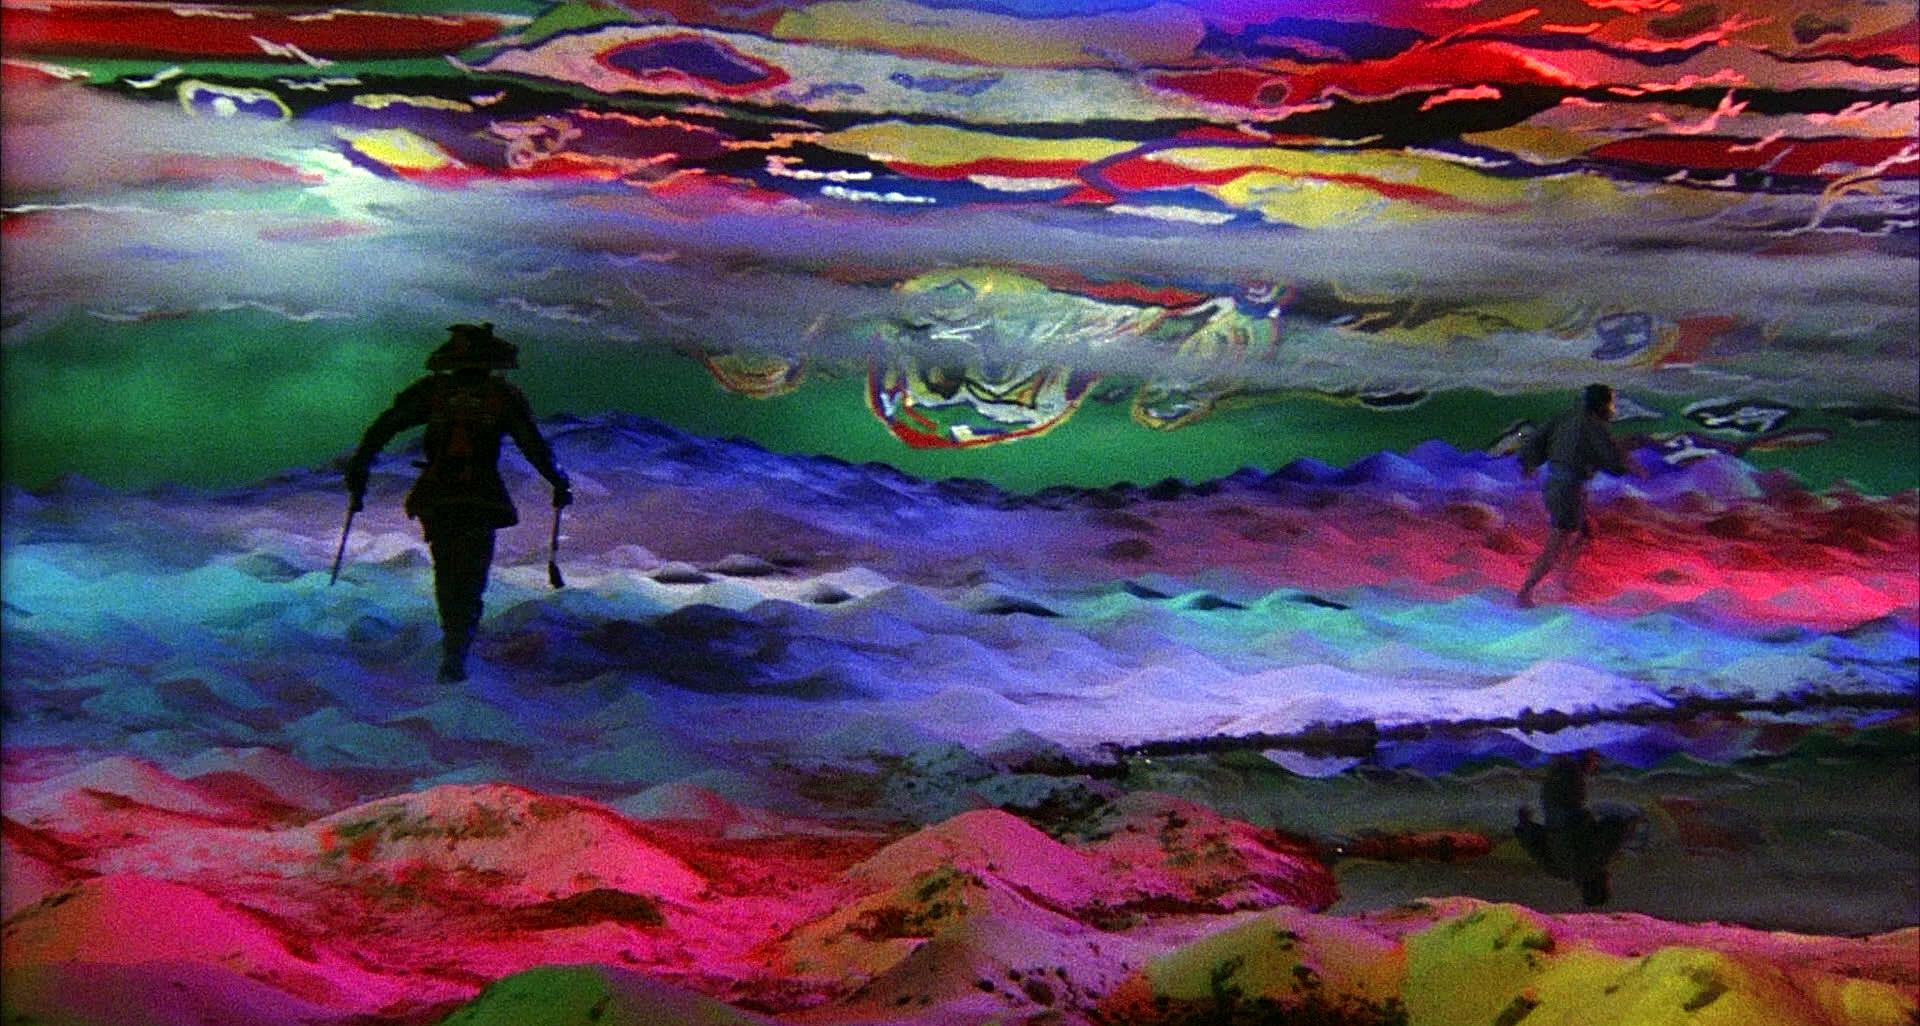 large_kagemusha_blu-ray4.jpg